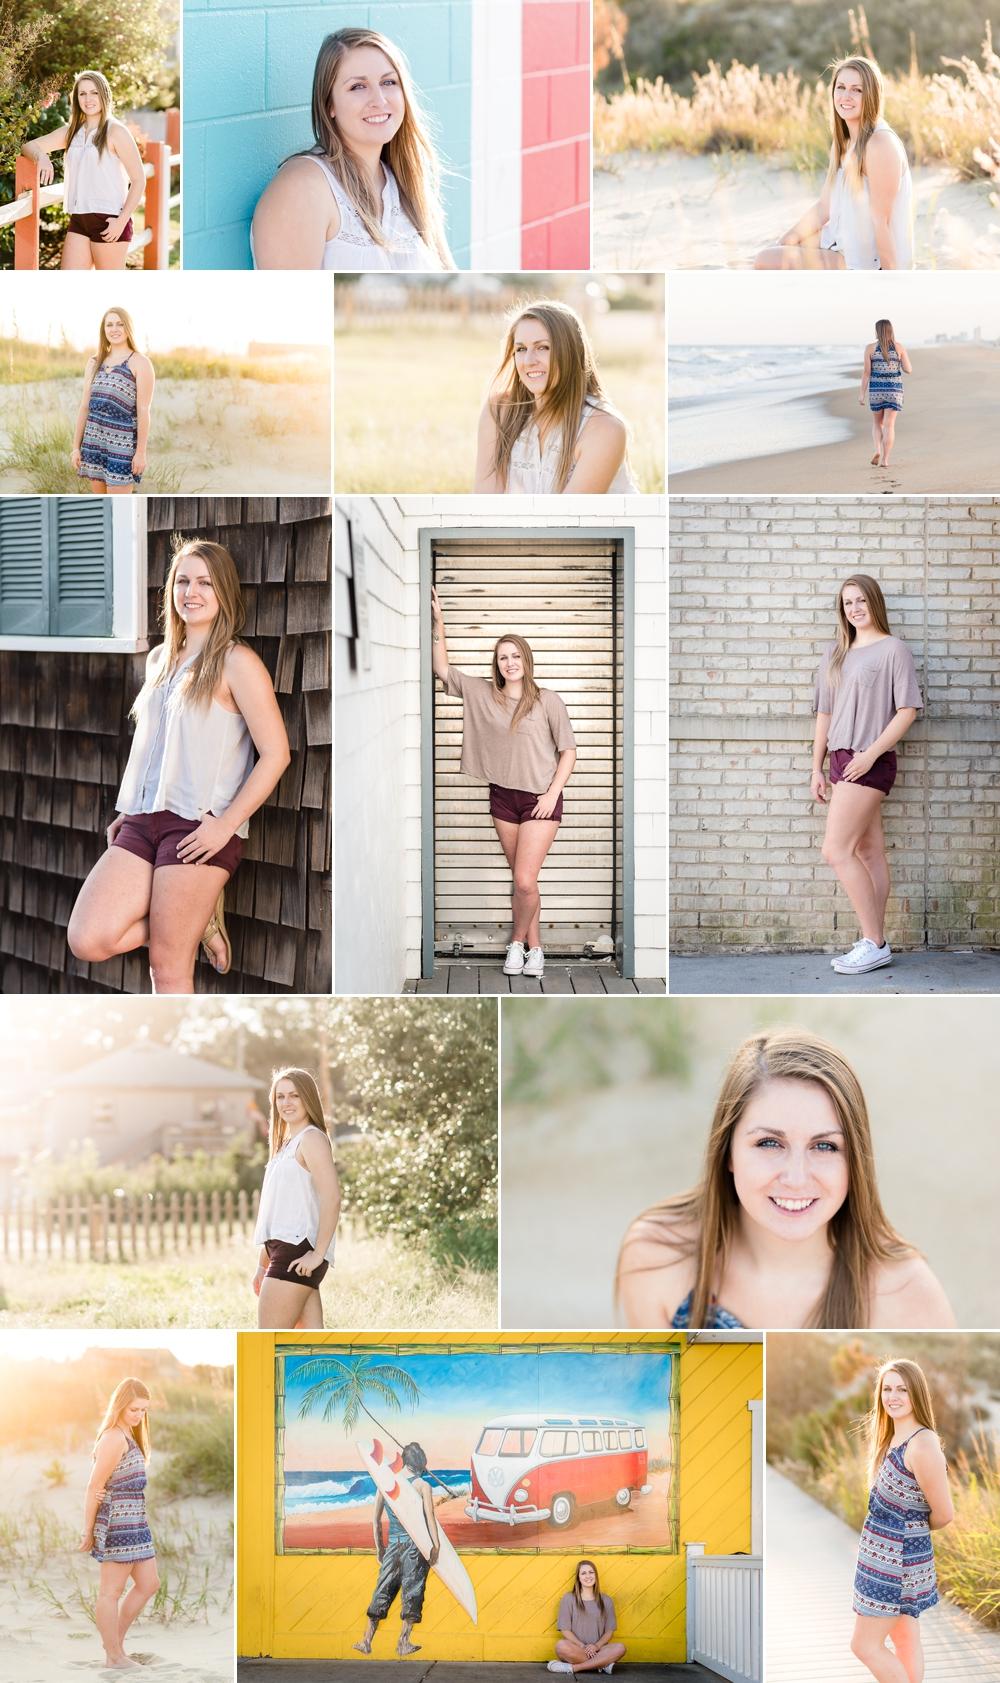 高中高级图片,弗吉尼亚海滩高级肖像摄影师,高级照片